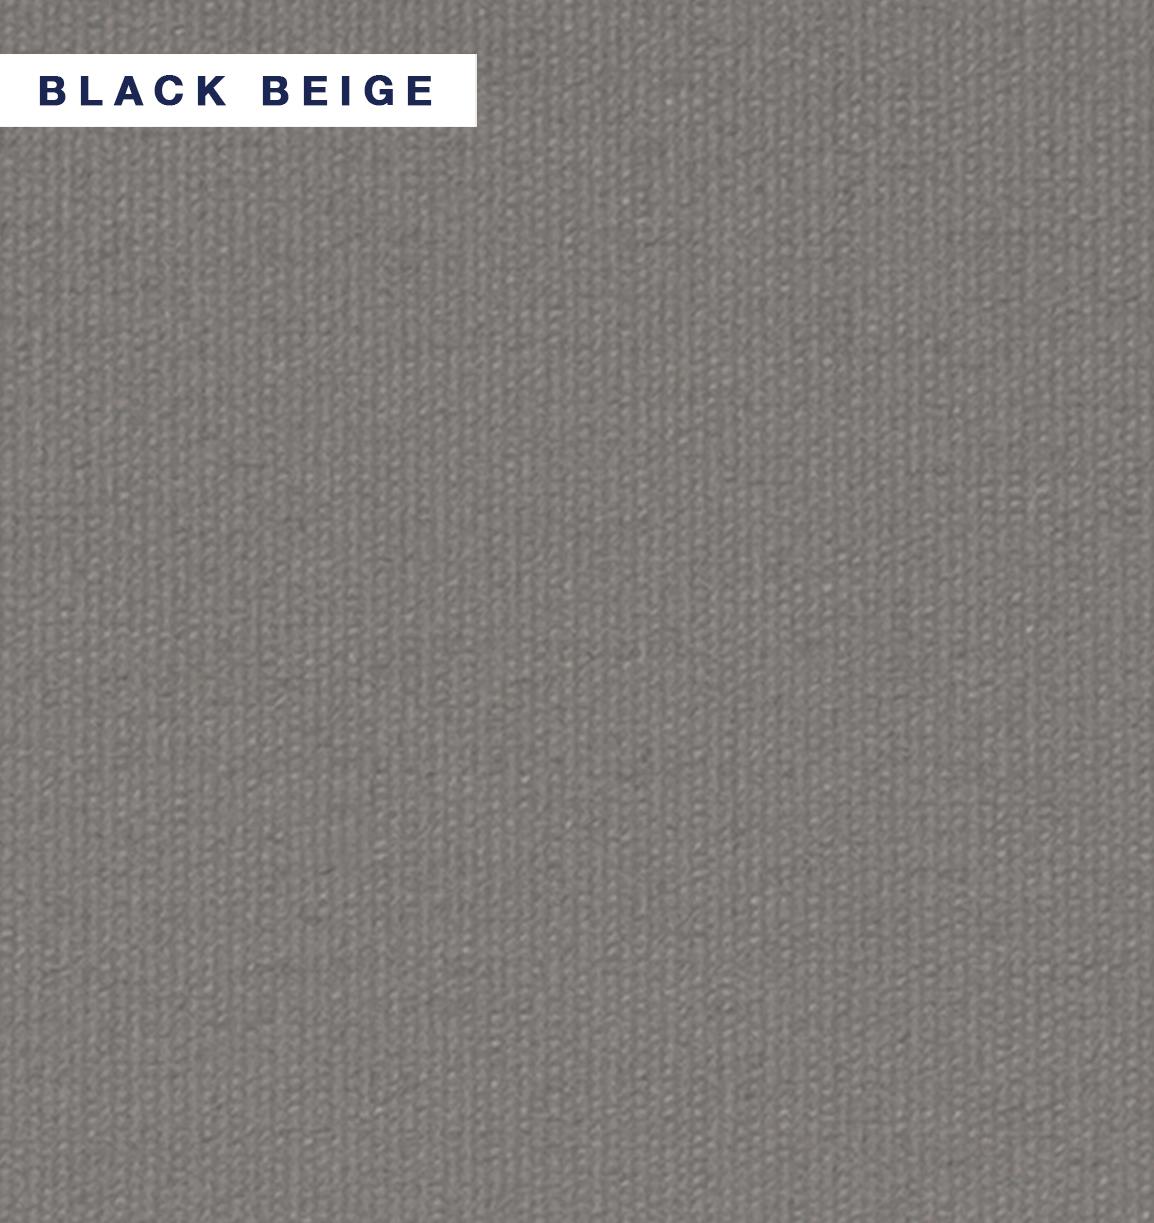 Vivid - Black Beige.jpg